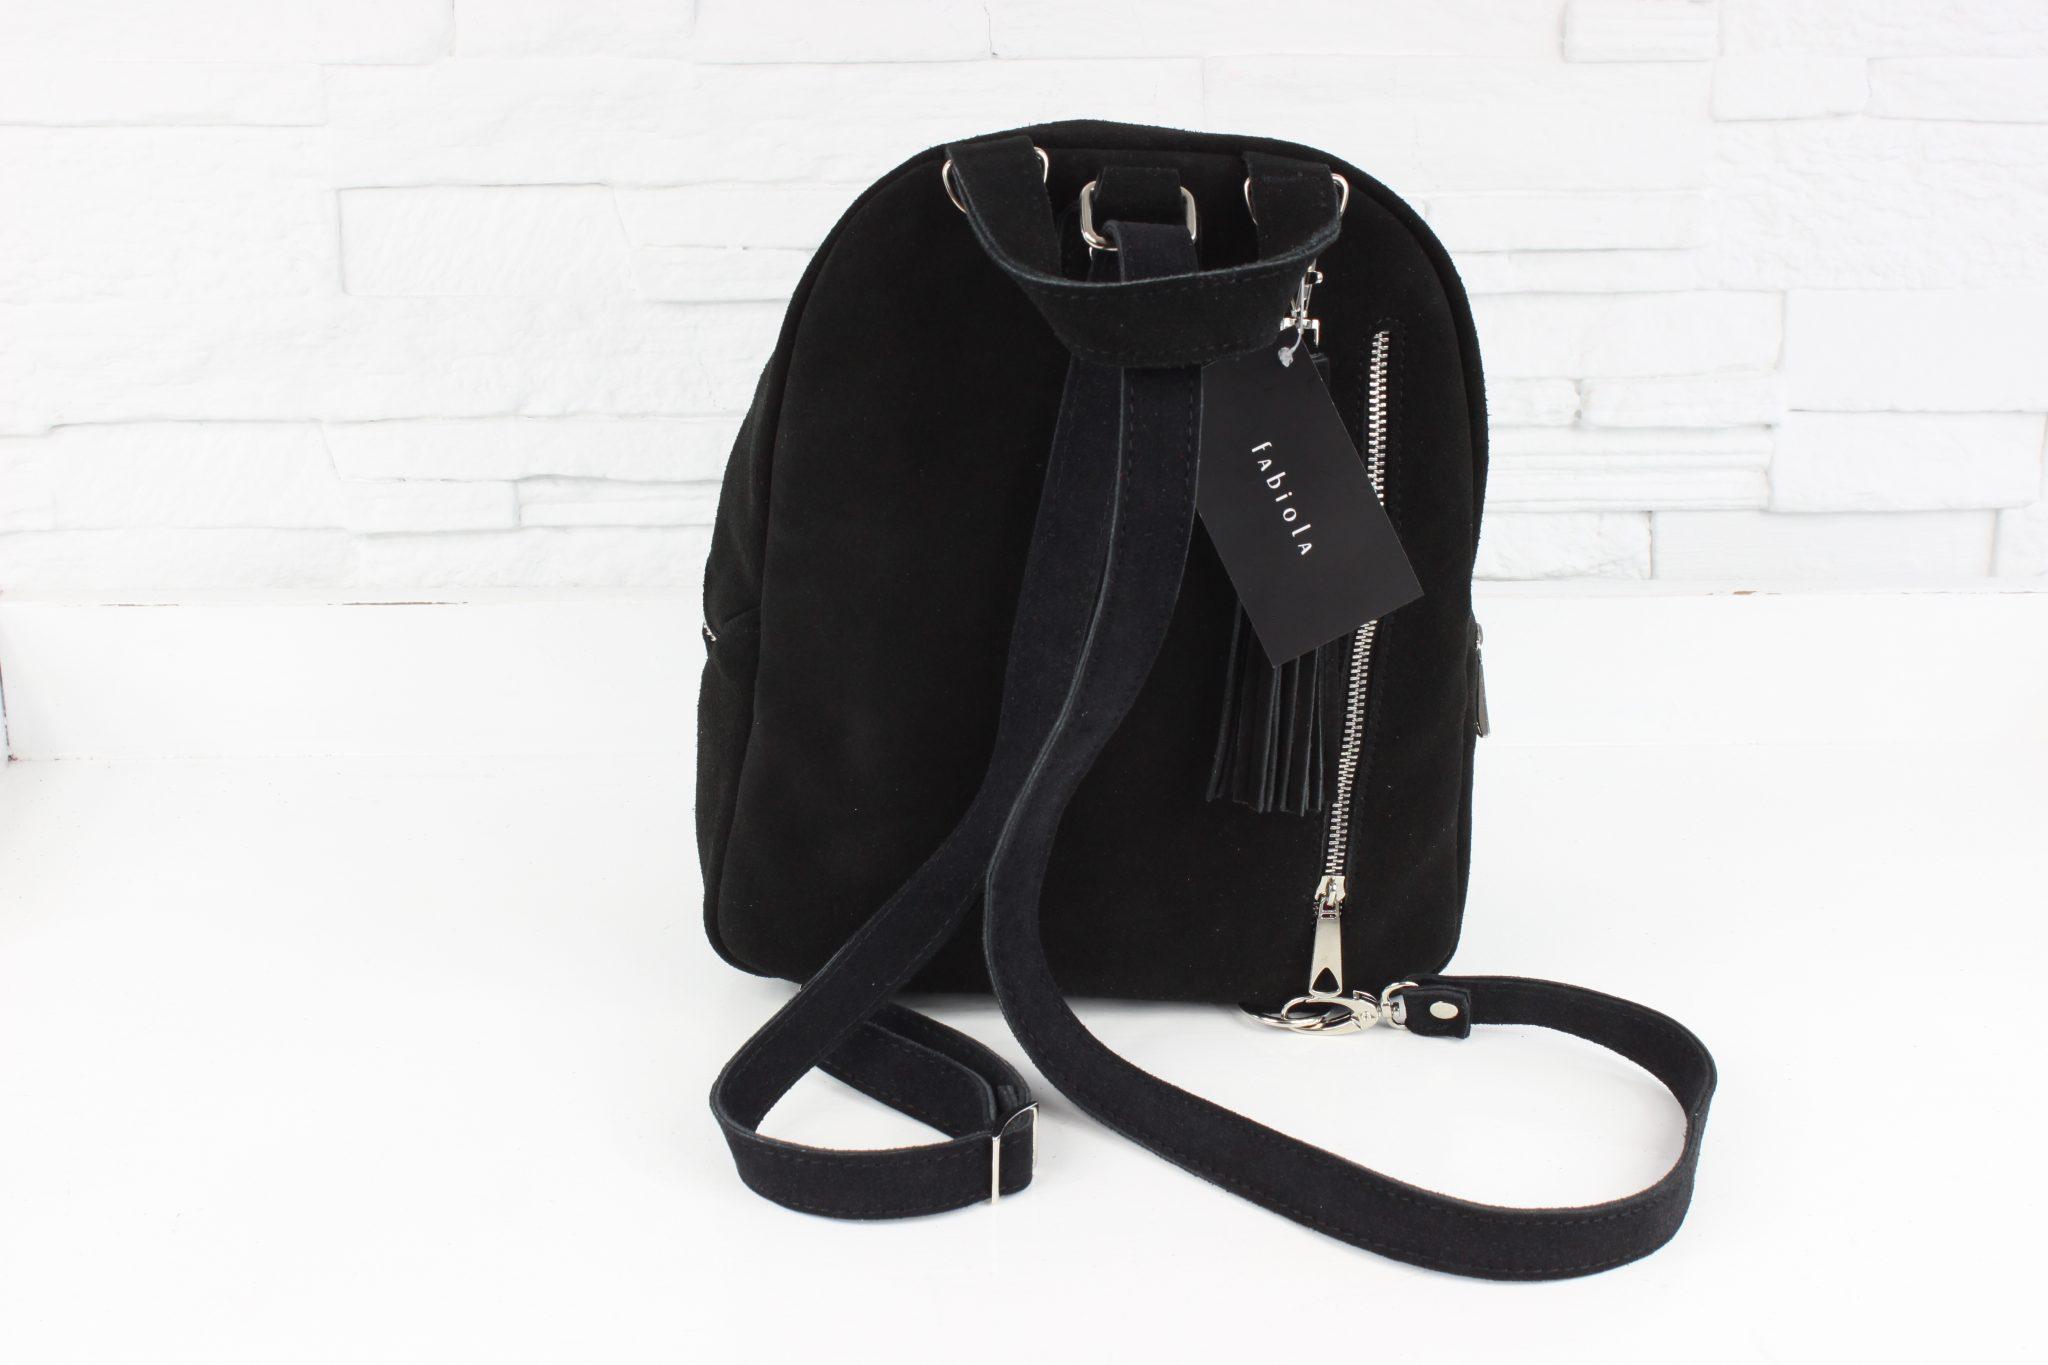 Plecak zamszowy - Fabio Plecak ZIP - stylowy i wygodny plecak/torebka, bardzo funkcjonalny! W całości wykonany ręcznie przy użyciu naturalnej skóry oraz z dbałością o najmniejszy szczegół. Opcja 3 w 1 na plecy na ramię do ręki. Minimalistyczny wygląd to jego główny atut. Dzięki swojej formie jest idealny na co dzień do pracy. Uniwersalny, wygodny, do noszenia w ręce, na ramieniu oraz na plecach. Gadżet, który powinien się znaleźć w garderobie każdej kobiety. Jest minimalistyczny, a zarazem designerski. Pomieści nie tylko szminkę, telefon i kartę, ale o wiele więcej dzięki czemu stanie się Twoim najlepszym przyjacielem podczas różnych wyjść. Model: Fabio Plecak ZIP Materiał: Naturalna skóra zamszowa Kolor: czarny Okucia: srebrne Frędzel: brak Pikowanie: brak Zapięcie: suwak Kieszeń na telefon: tak wykonana ze skóry Ilość kieszeni wewnątrz: 1 z podszewki na przedniej stronie plecaka Ilość komór: 1 Ilość kieszeni na zewnątrz: 2 (1 na froncie i 1 kieszeń zewnętrzna tylna umieszczona na ple